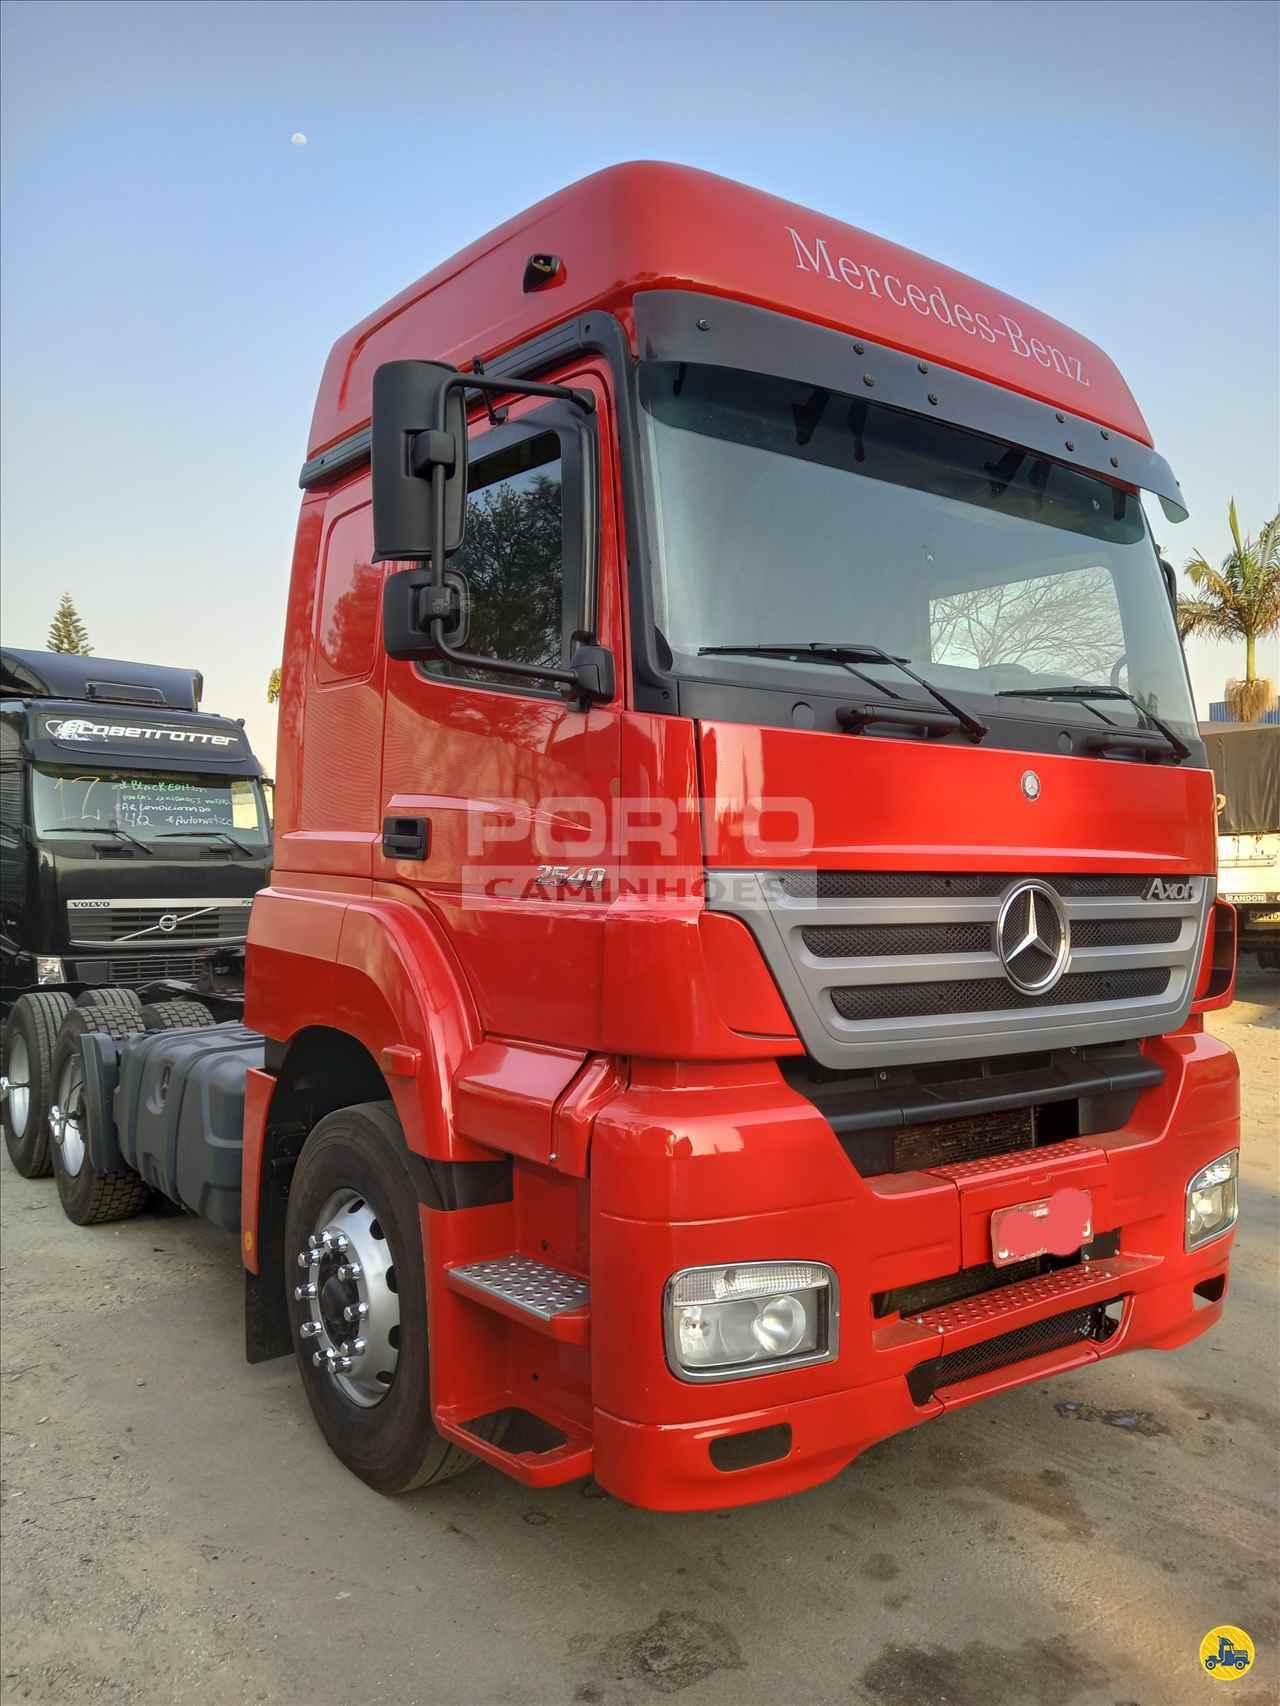 CAMINHAO MERCEDES-BENZ MB 2540 Cavalo Mecânico Truck 6x2 Porto Caminhões GUARULHOS SÃO PAULO SP